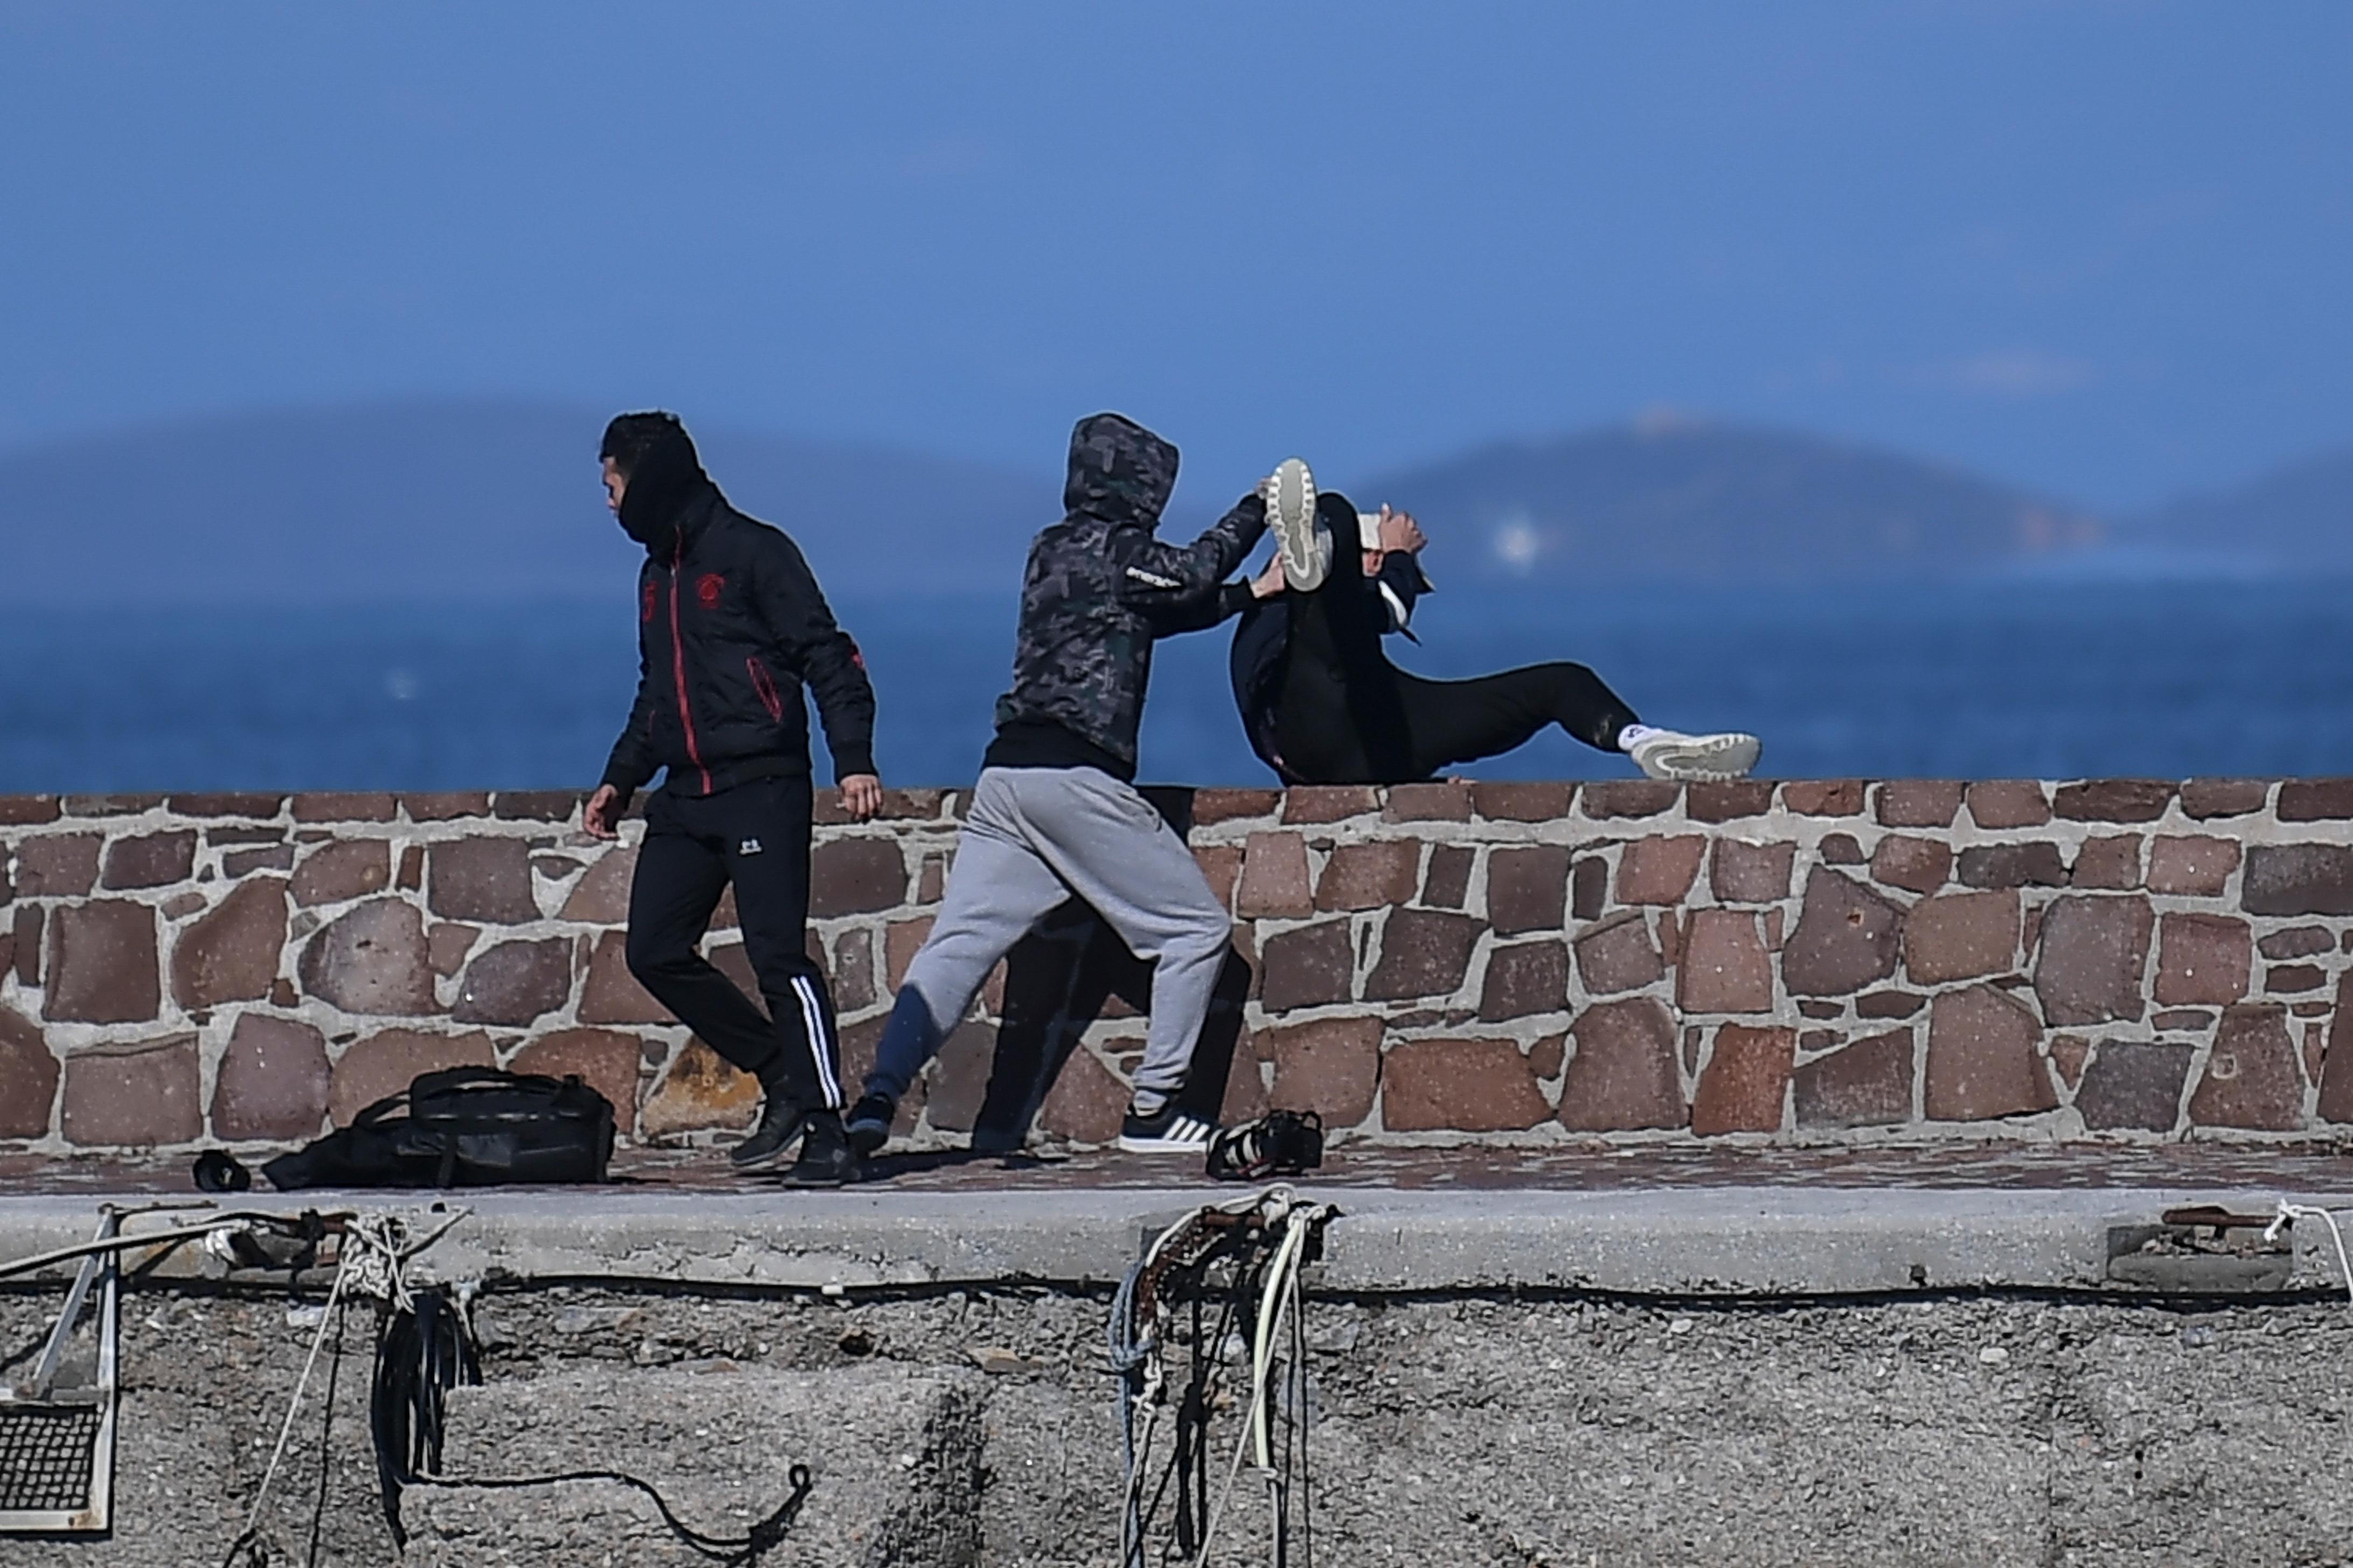 Fasiszta csoportok kereszttüzébe kerültek, sorra hagyják el Leszboszt a menekülteket segítő civilek